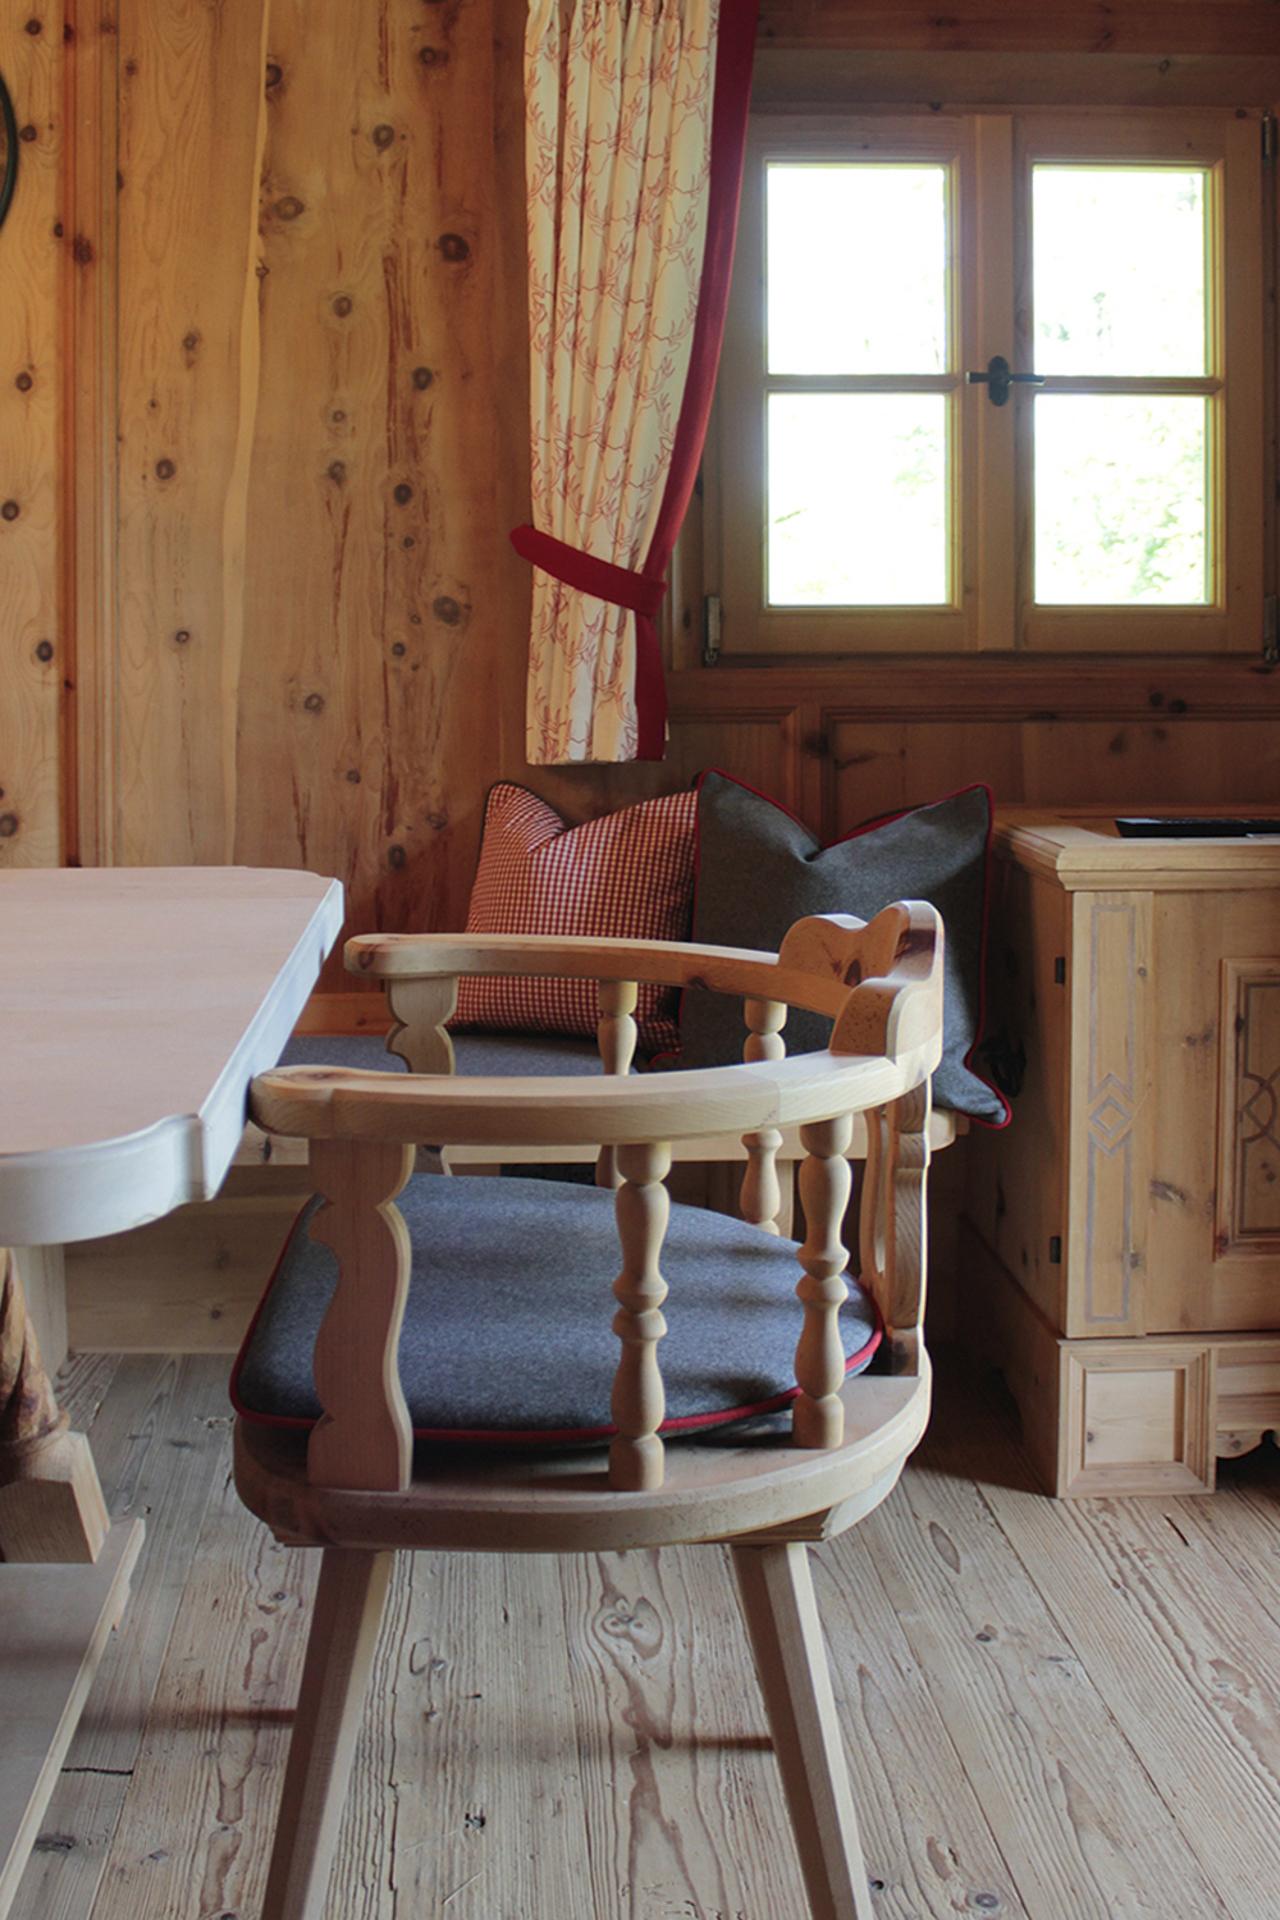 tischlerei-decker-Gartenhaus-stuehle